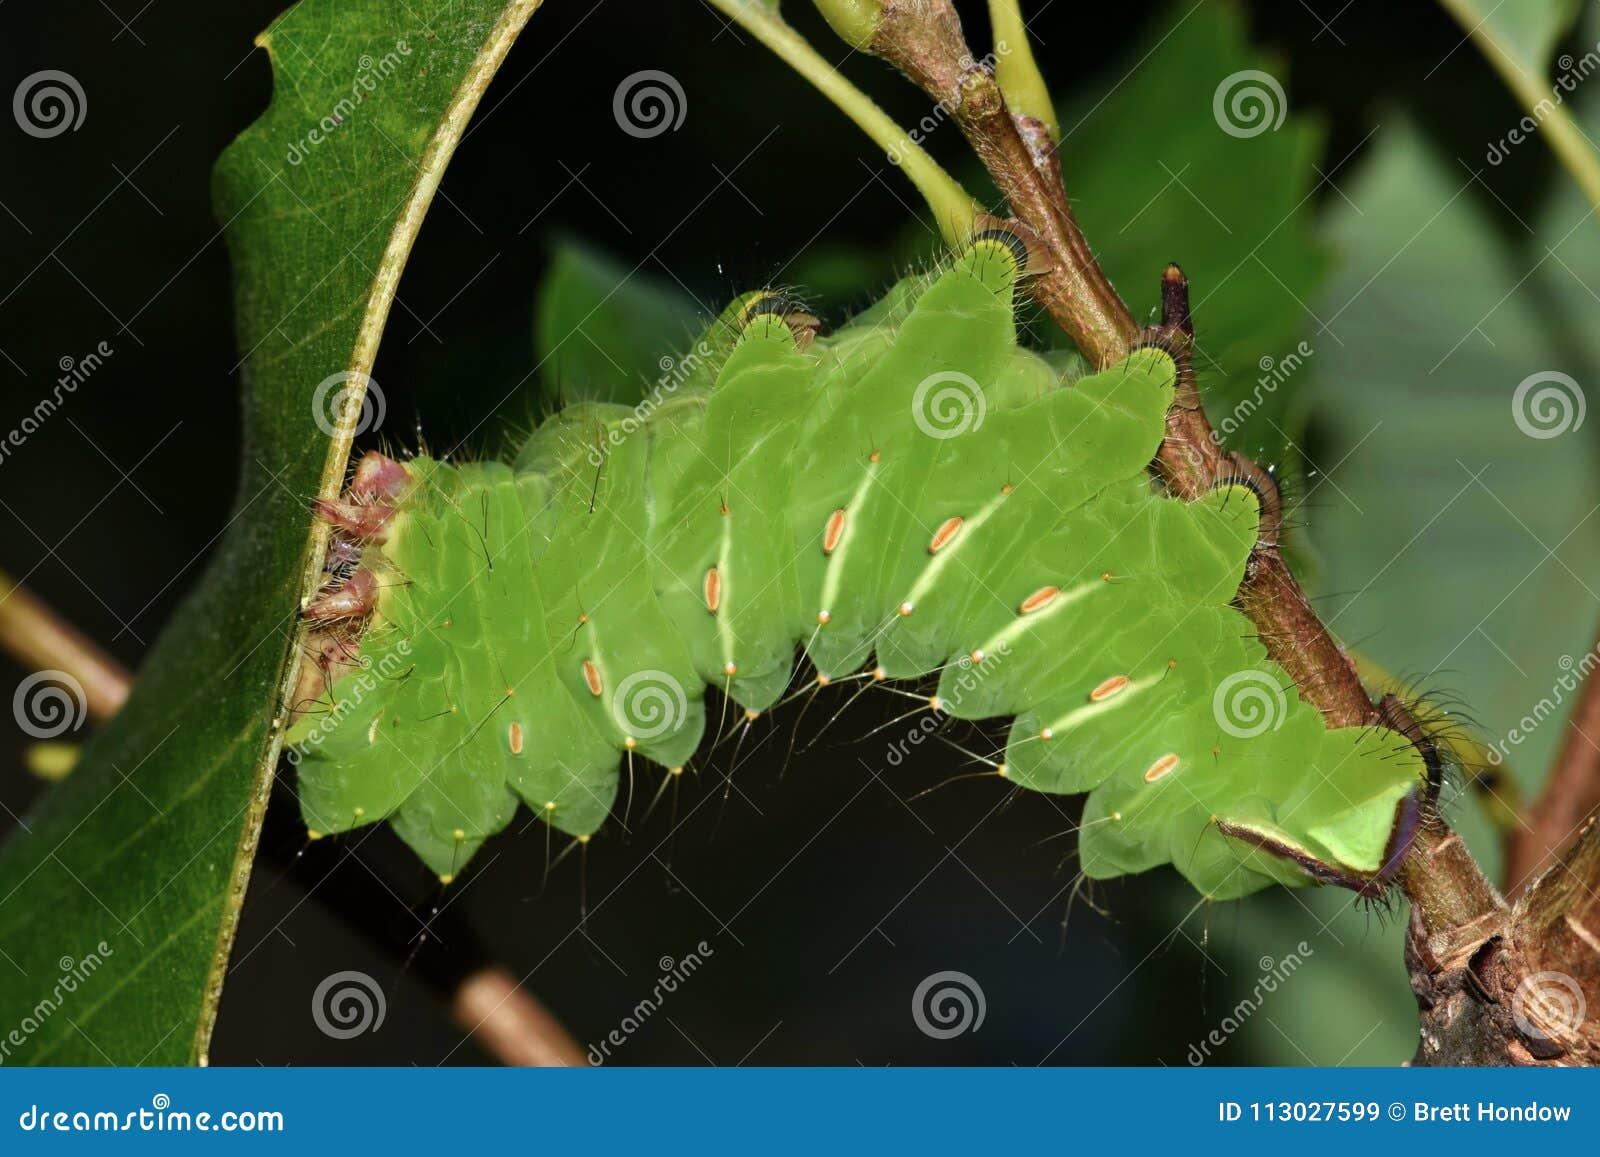 Stor Polyphemus larv som äter eksidor